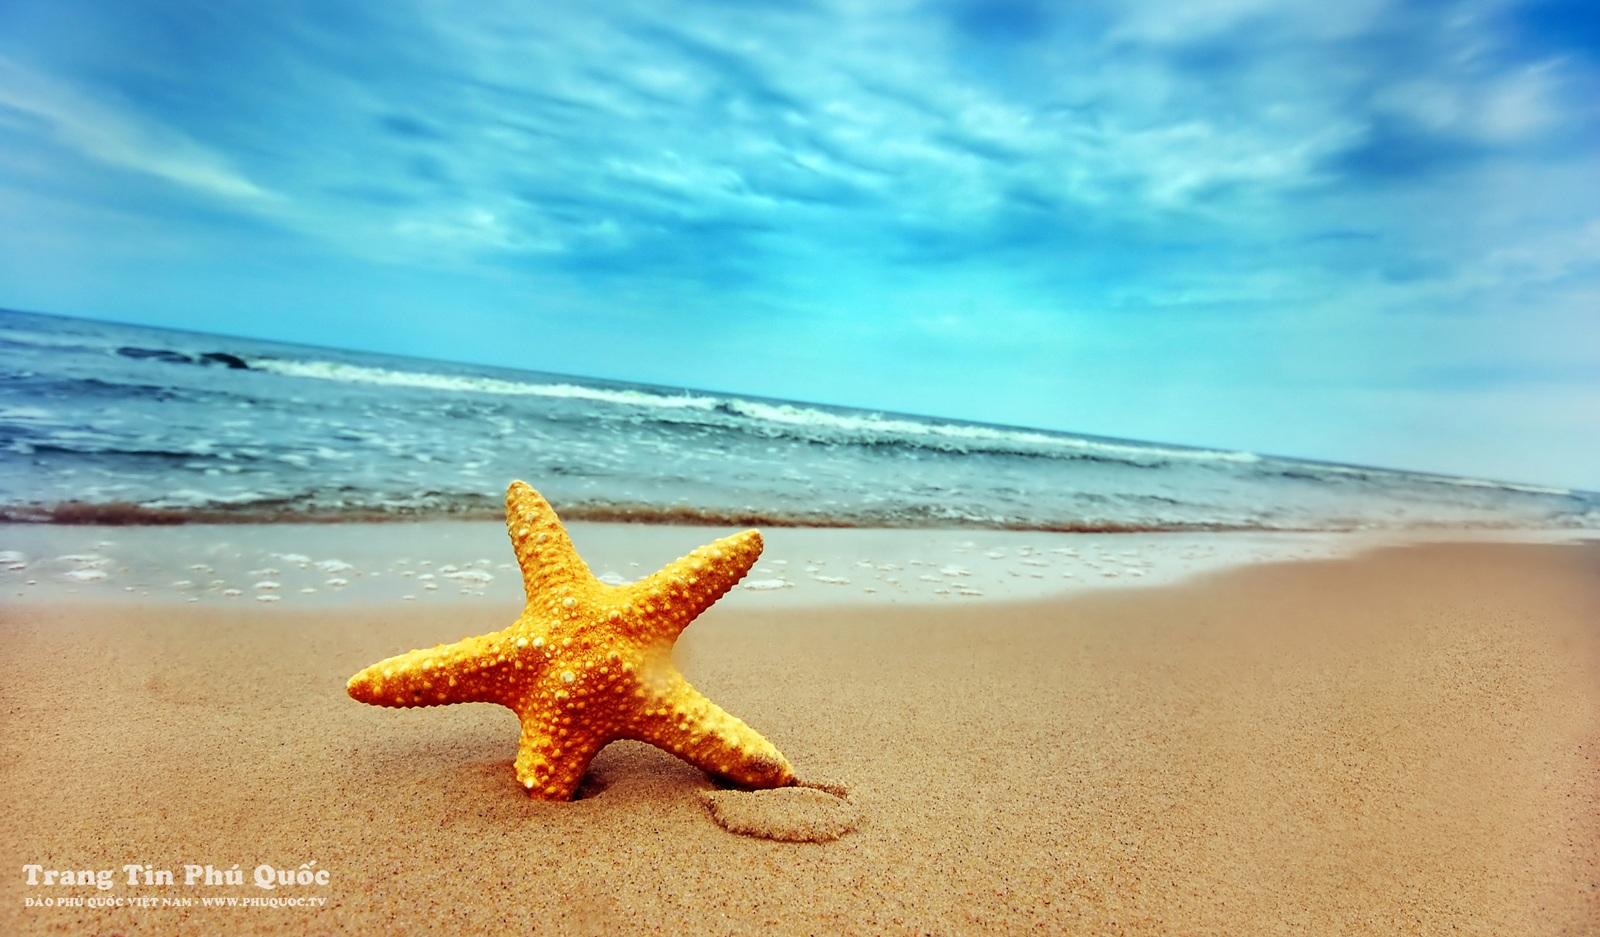 Bãi Dài, cát trắng và mịn cùng với màu xanh của biển tạo cho nơi đây khung cảnh nên thơ, lãng mạn